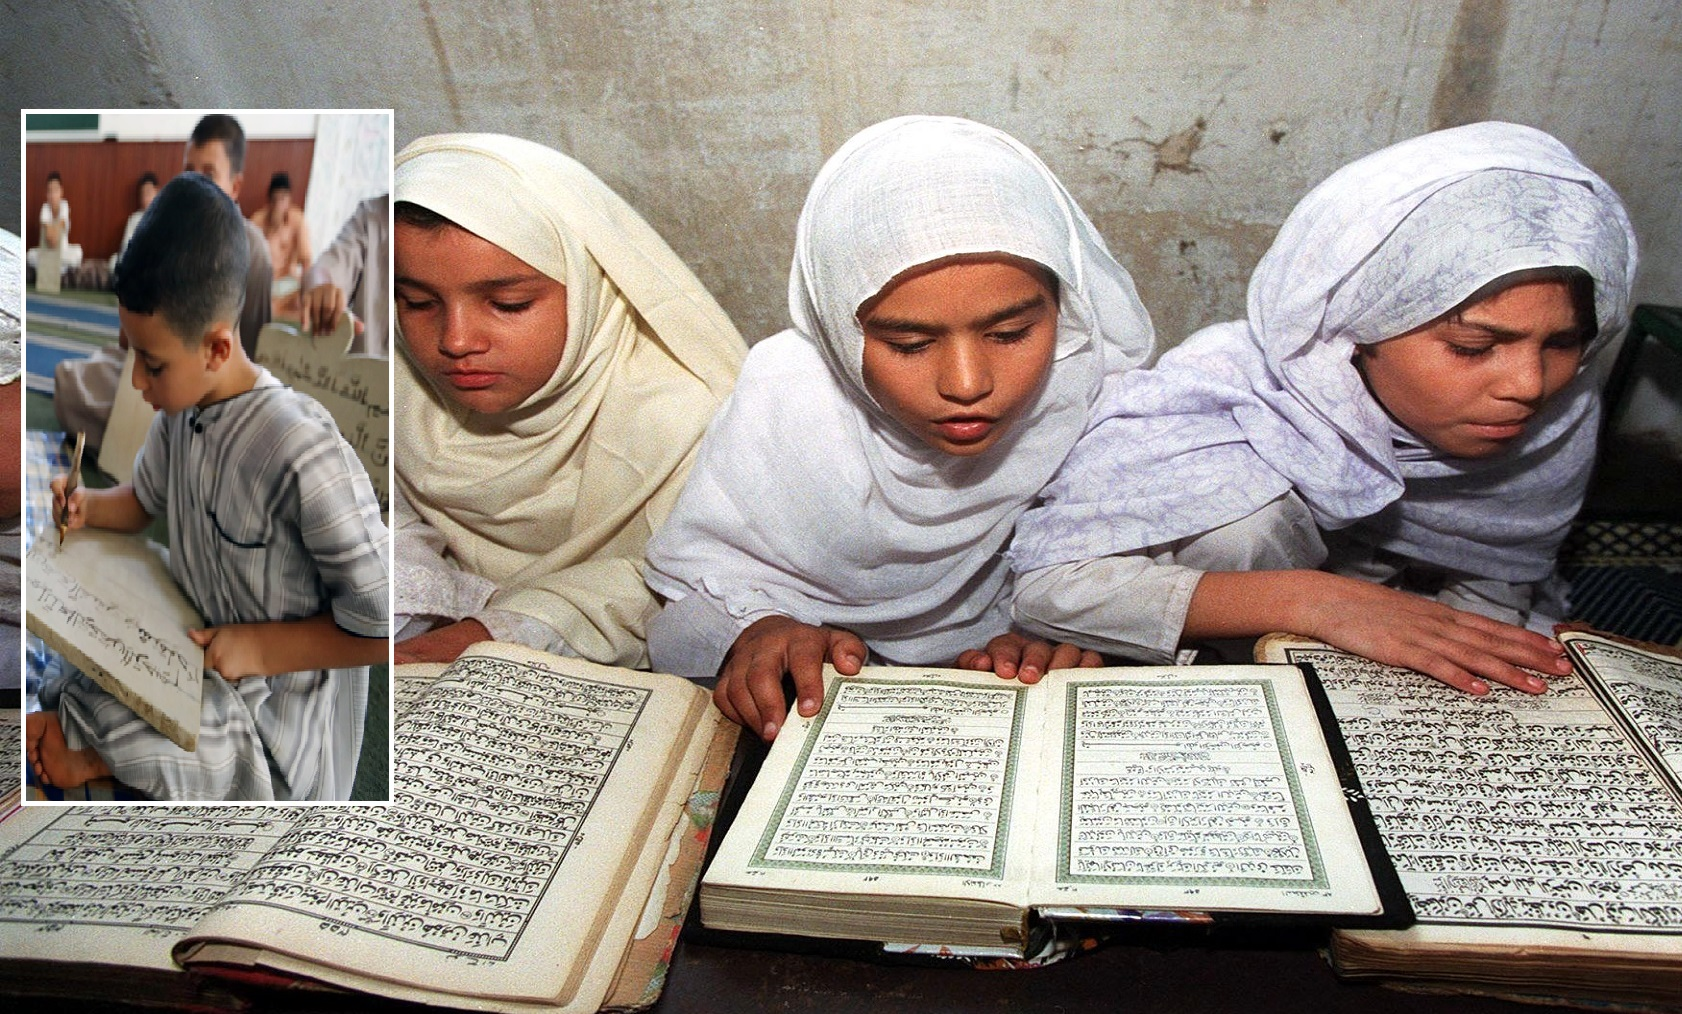 الجزائر تُهدّد بمصادرة المدارس القرآنية المروّجة للتطرّف